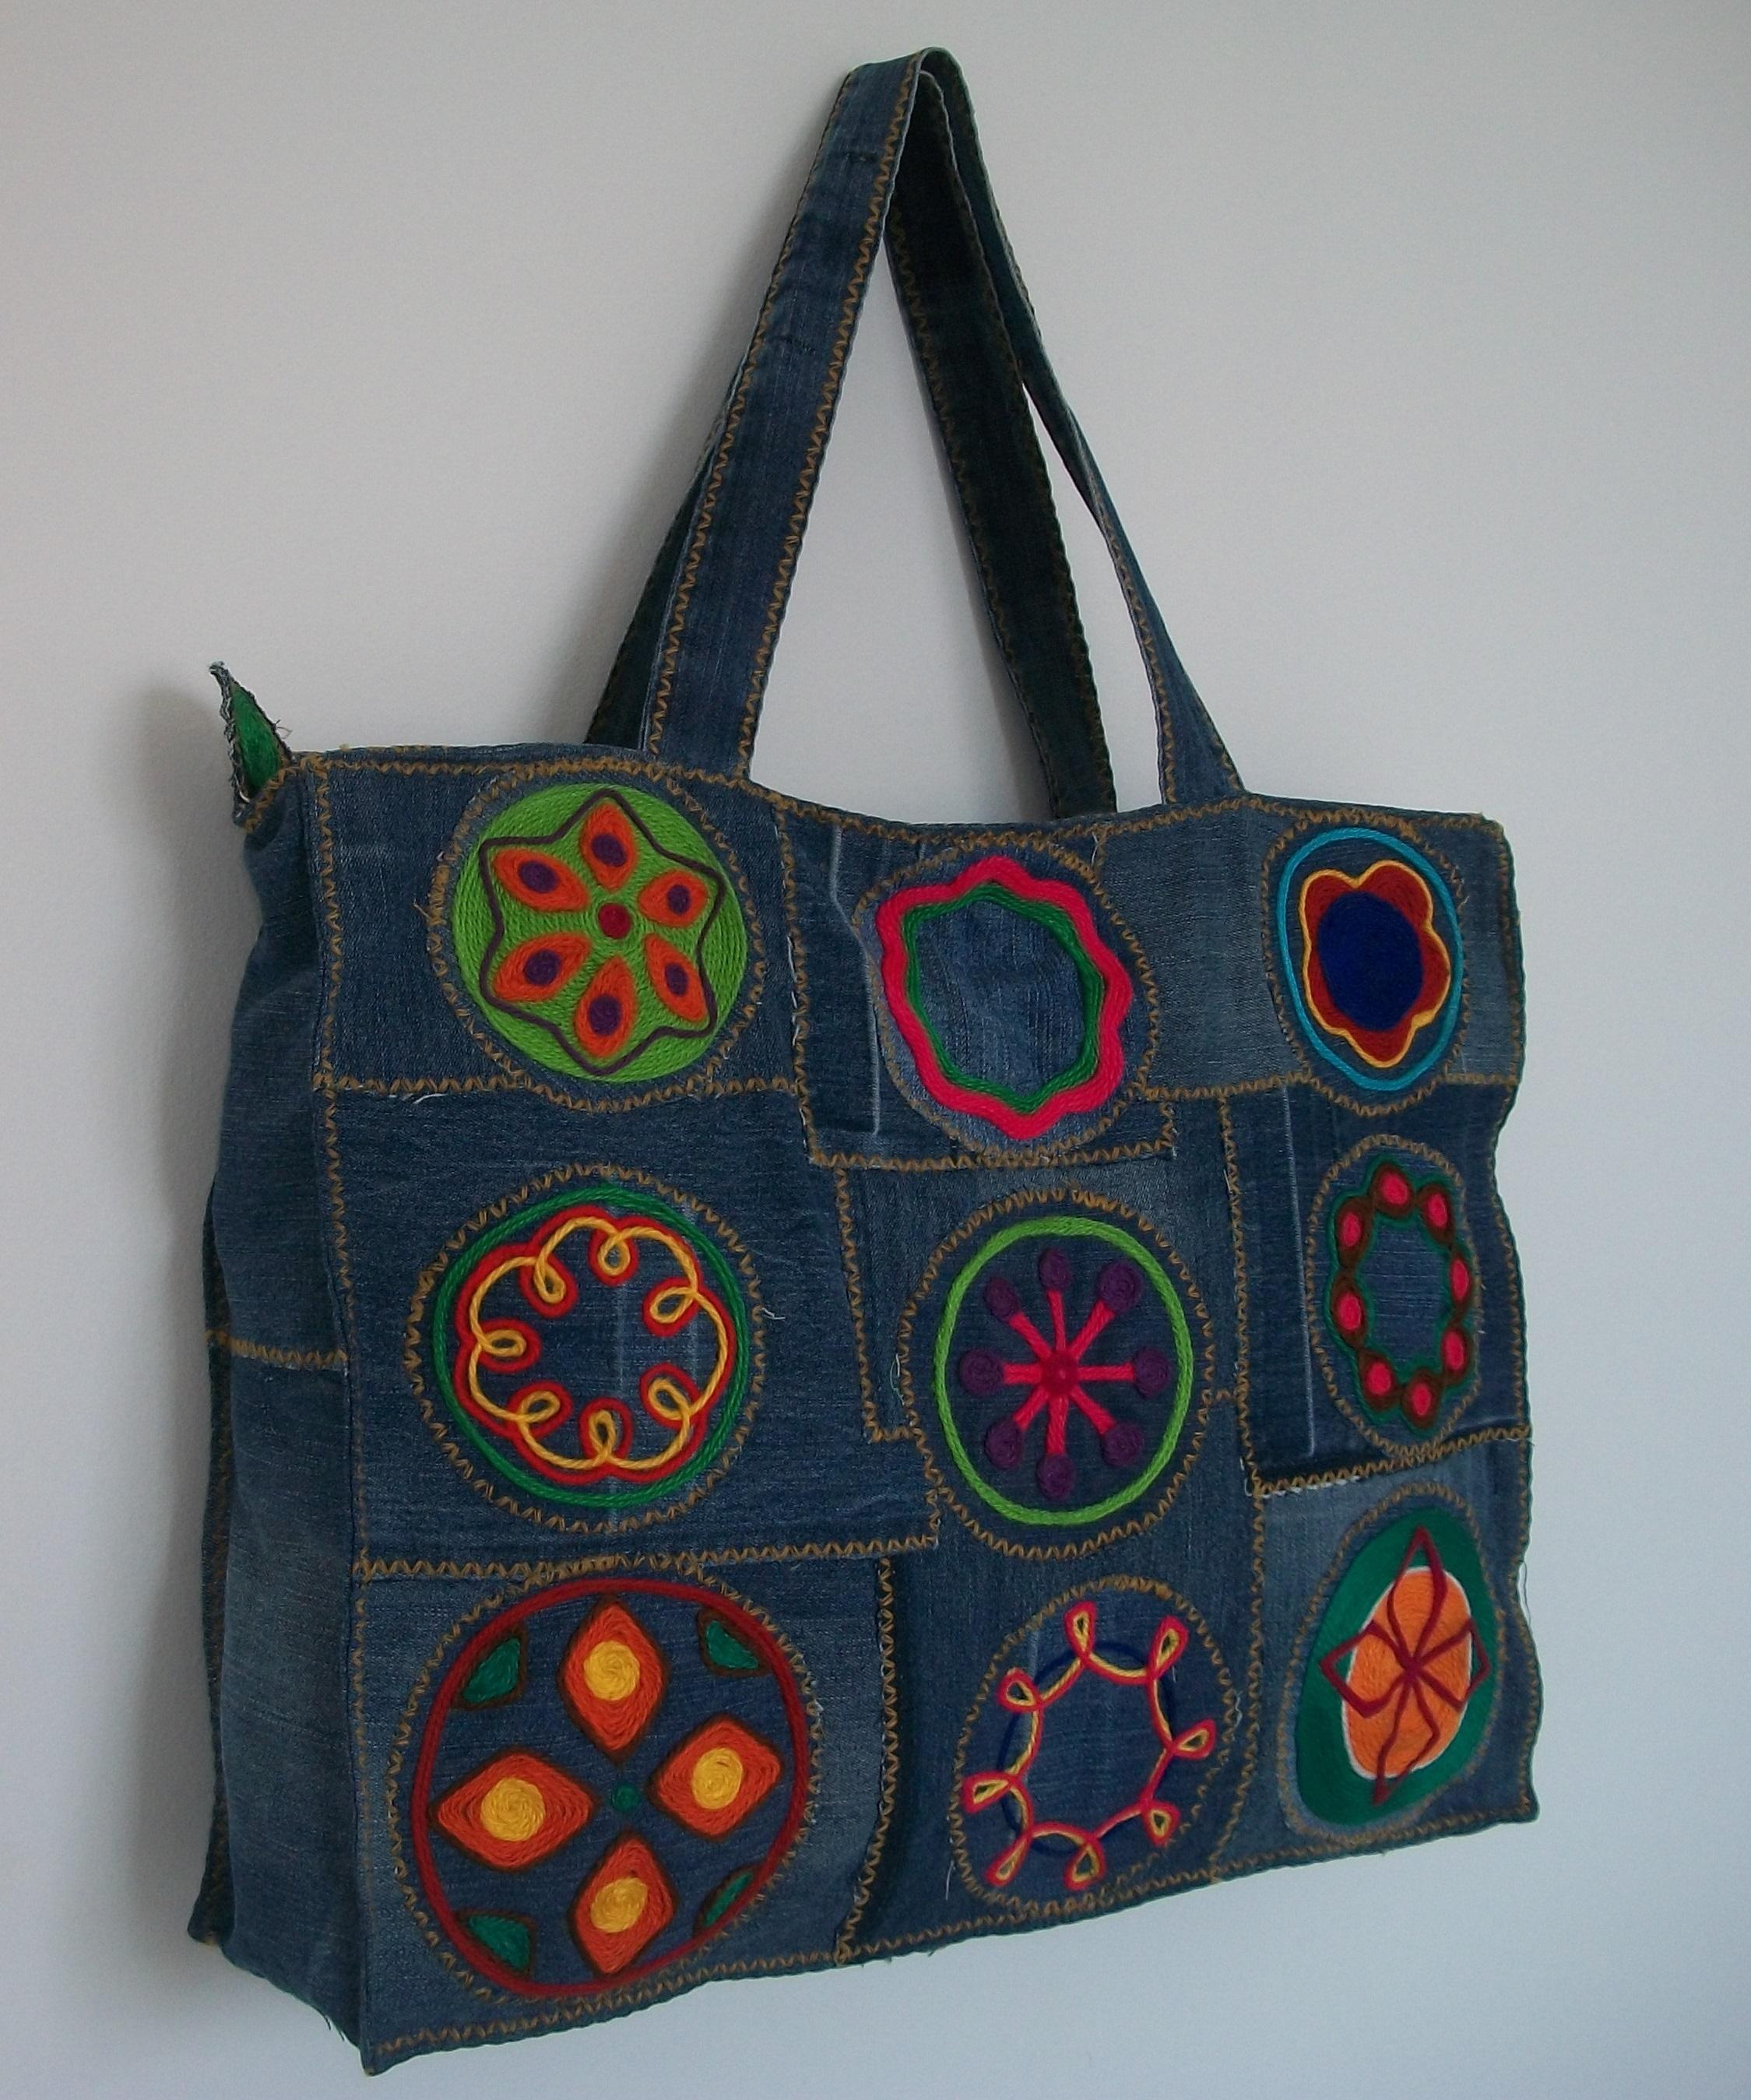 Bolsa De Tecido Artesanal : Bolsa artesanal trecos de pano por val?ria monteiro